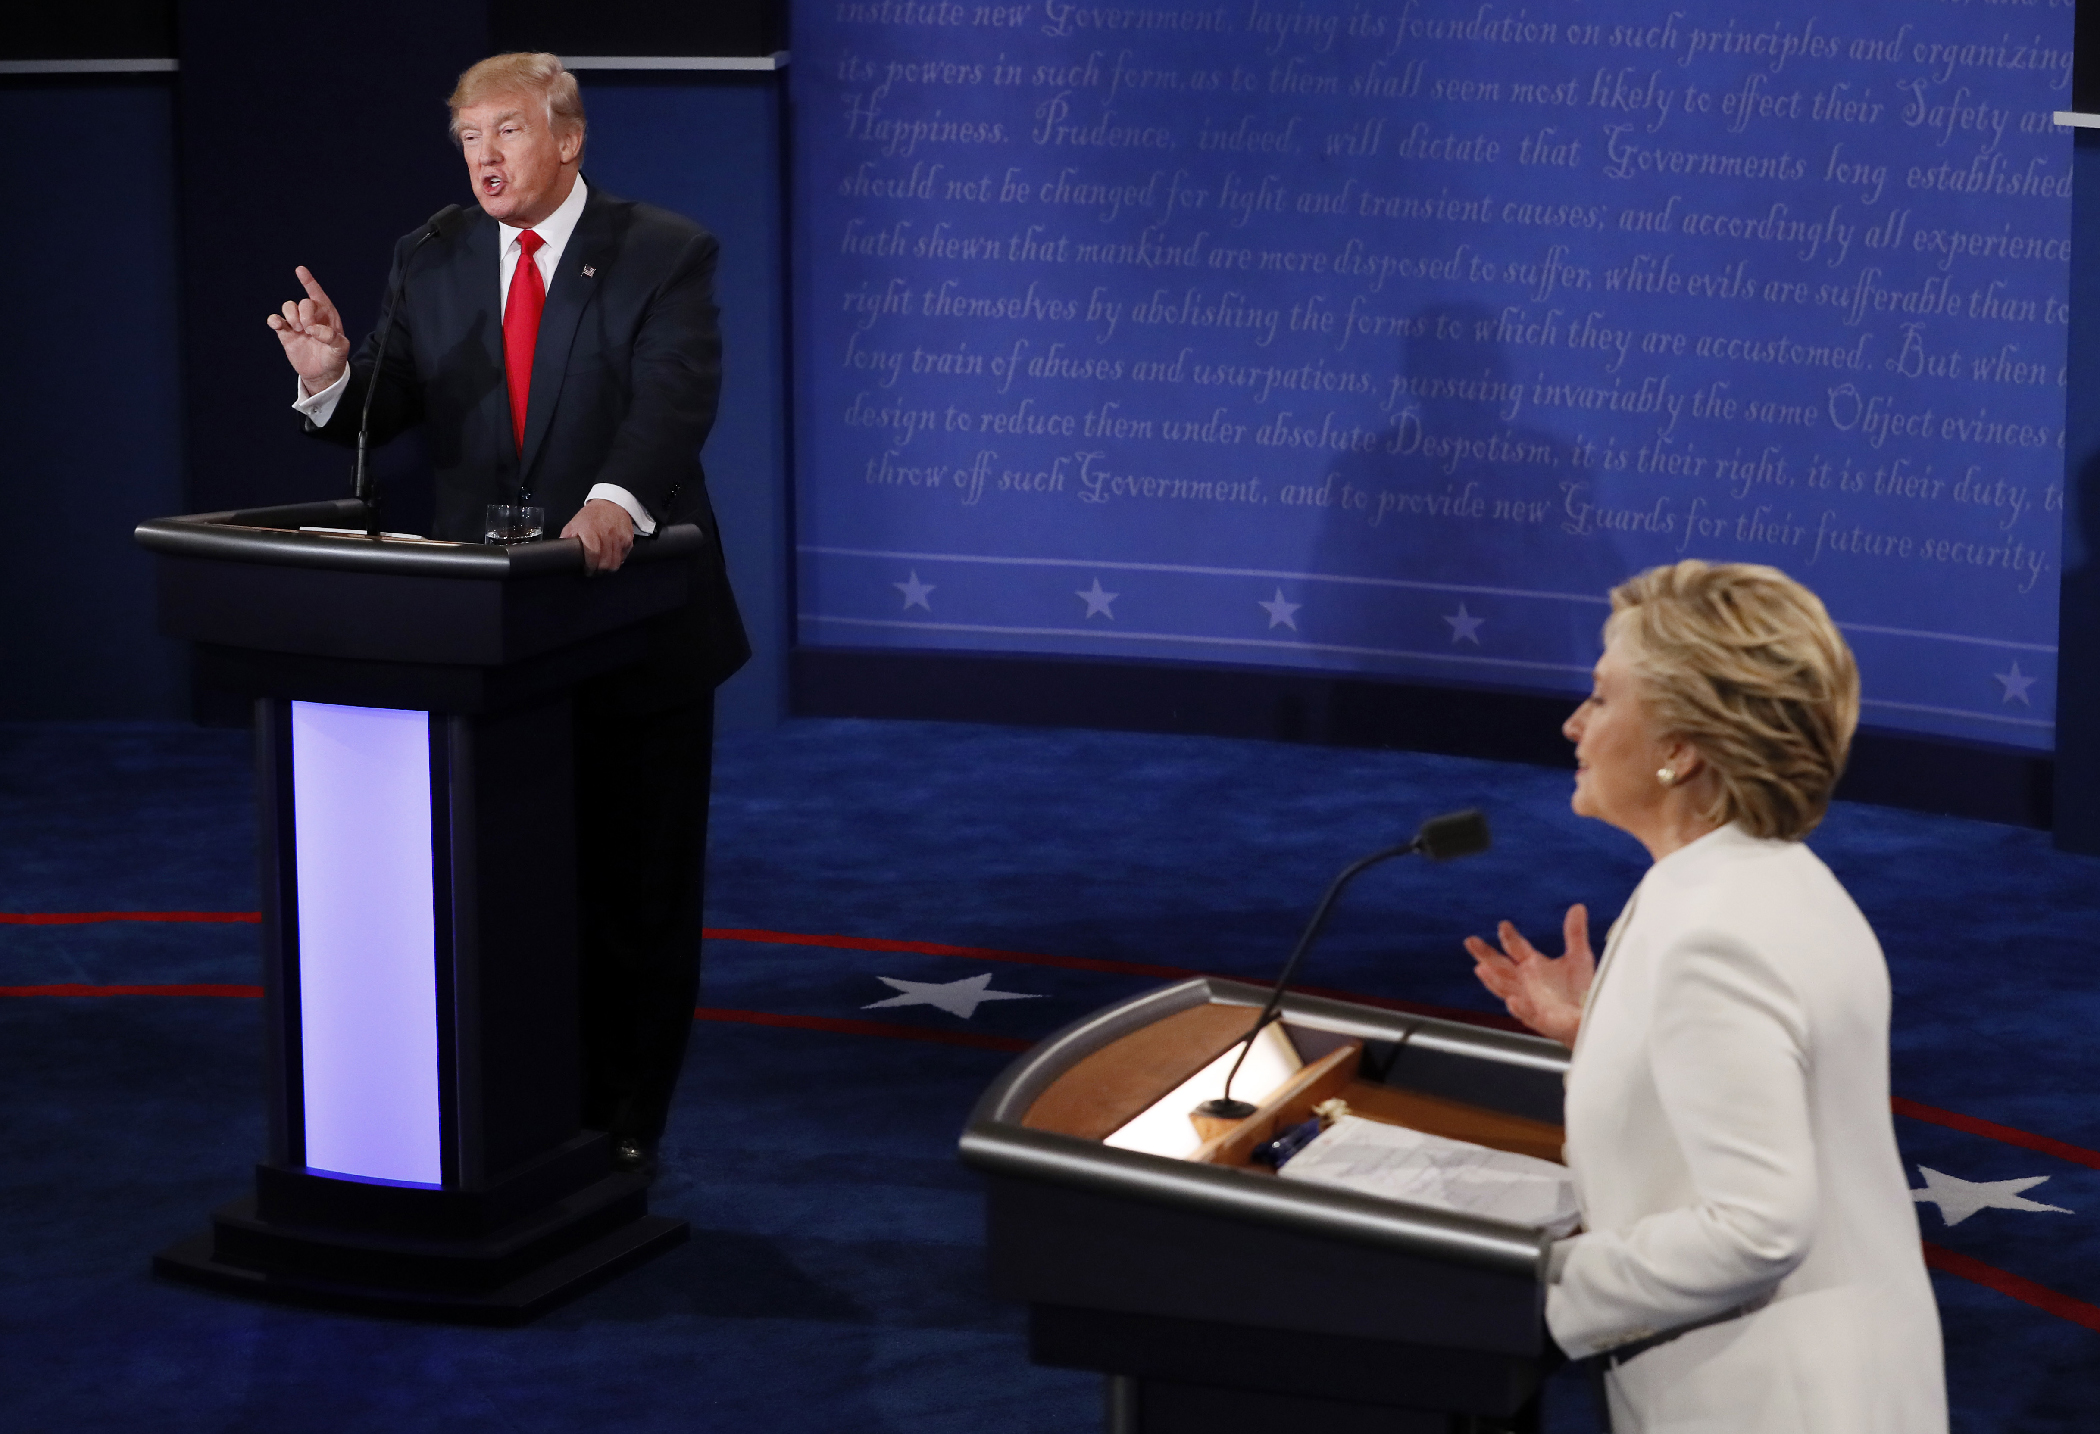 Clinton & Trump Talk Taxes and More in Their Third Debate